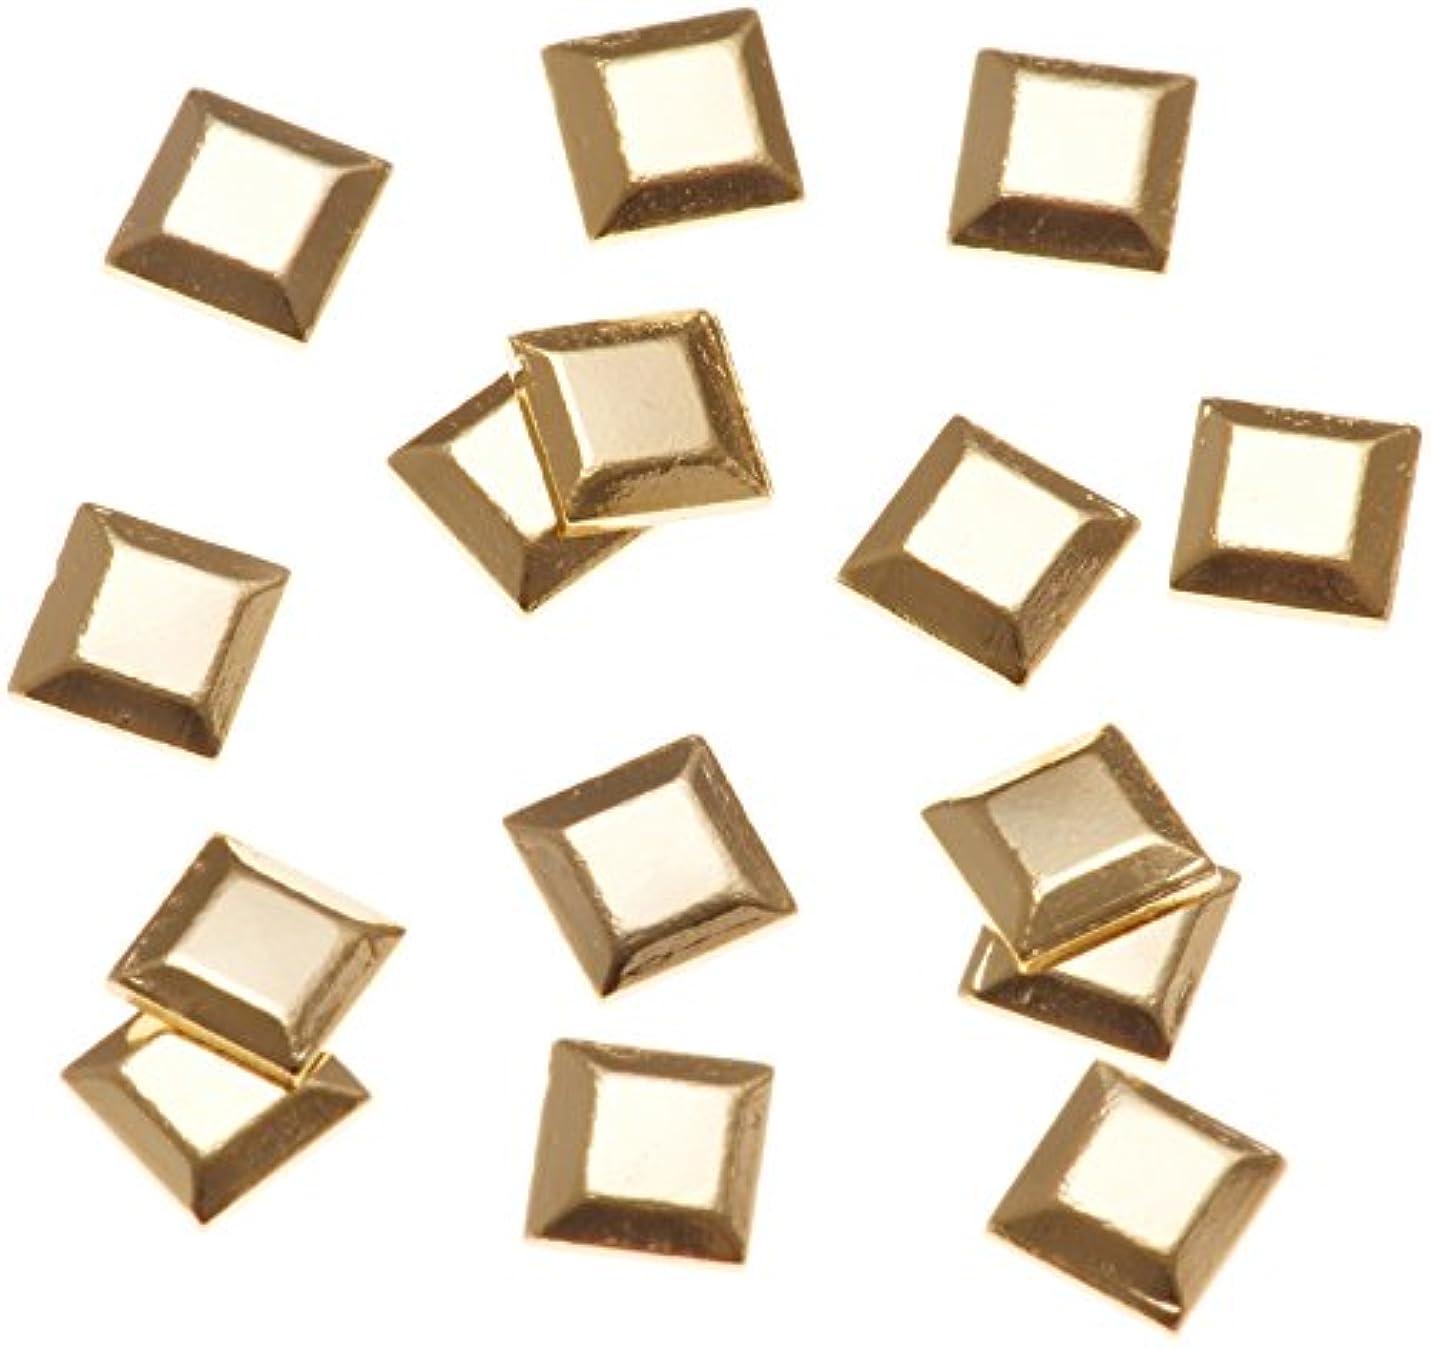 基本的な慣習成熟リトルプリティー ネイルアートパーツ スタッズスクエア ゴールド 50個